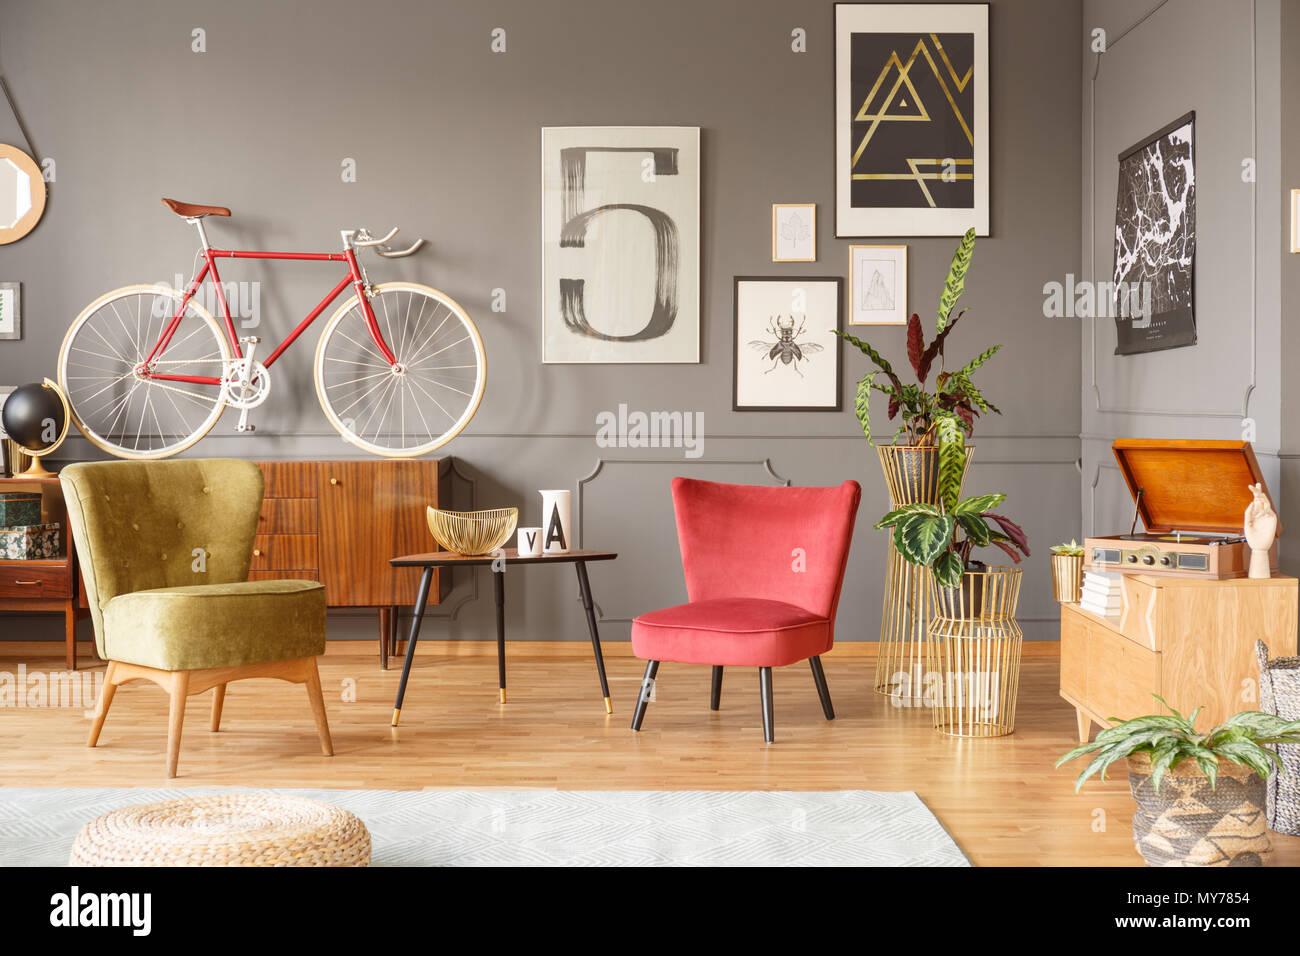 Colori Interni Grigio : Interni accoglienti con confortevoli poltrone vintage di colore